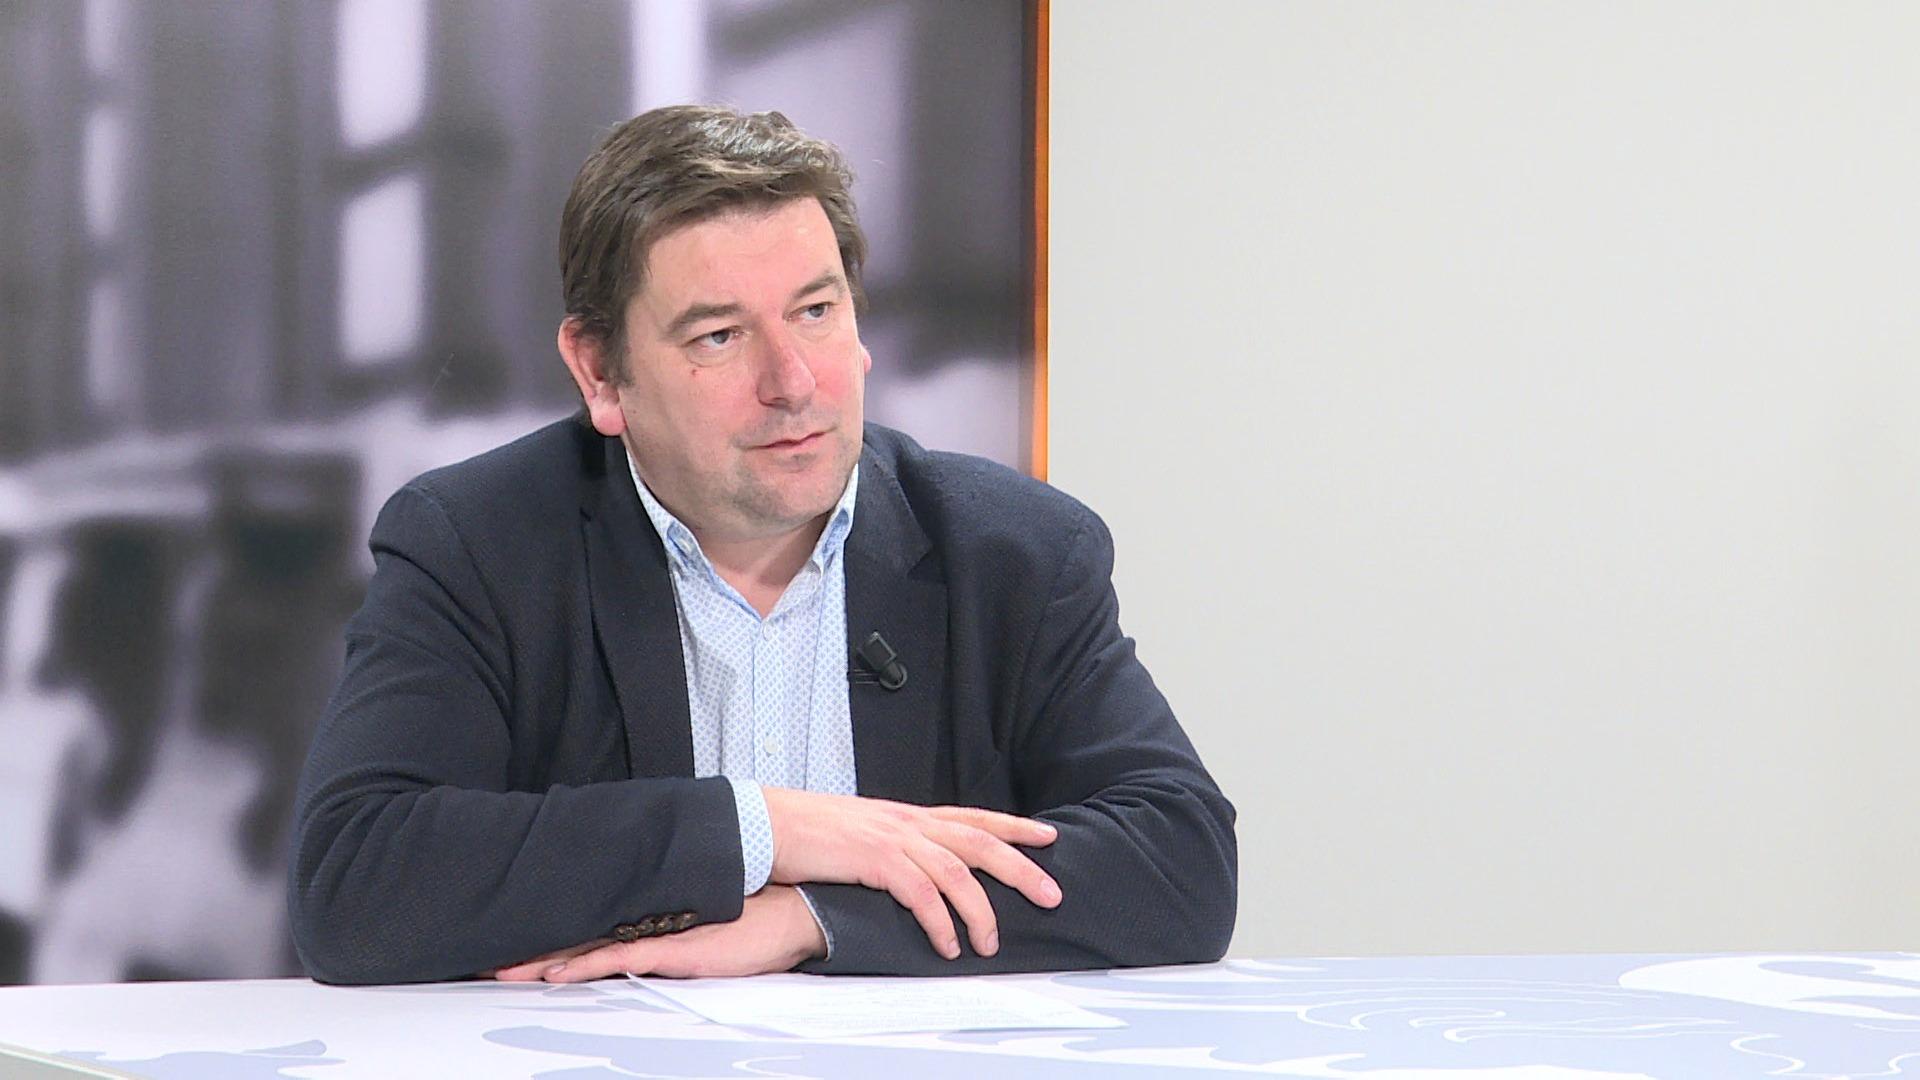 Studio Commissie: Bart Dochy over gevolgen van een Brexit voor de Vlaamse visserijsector